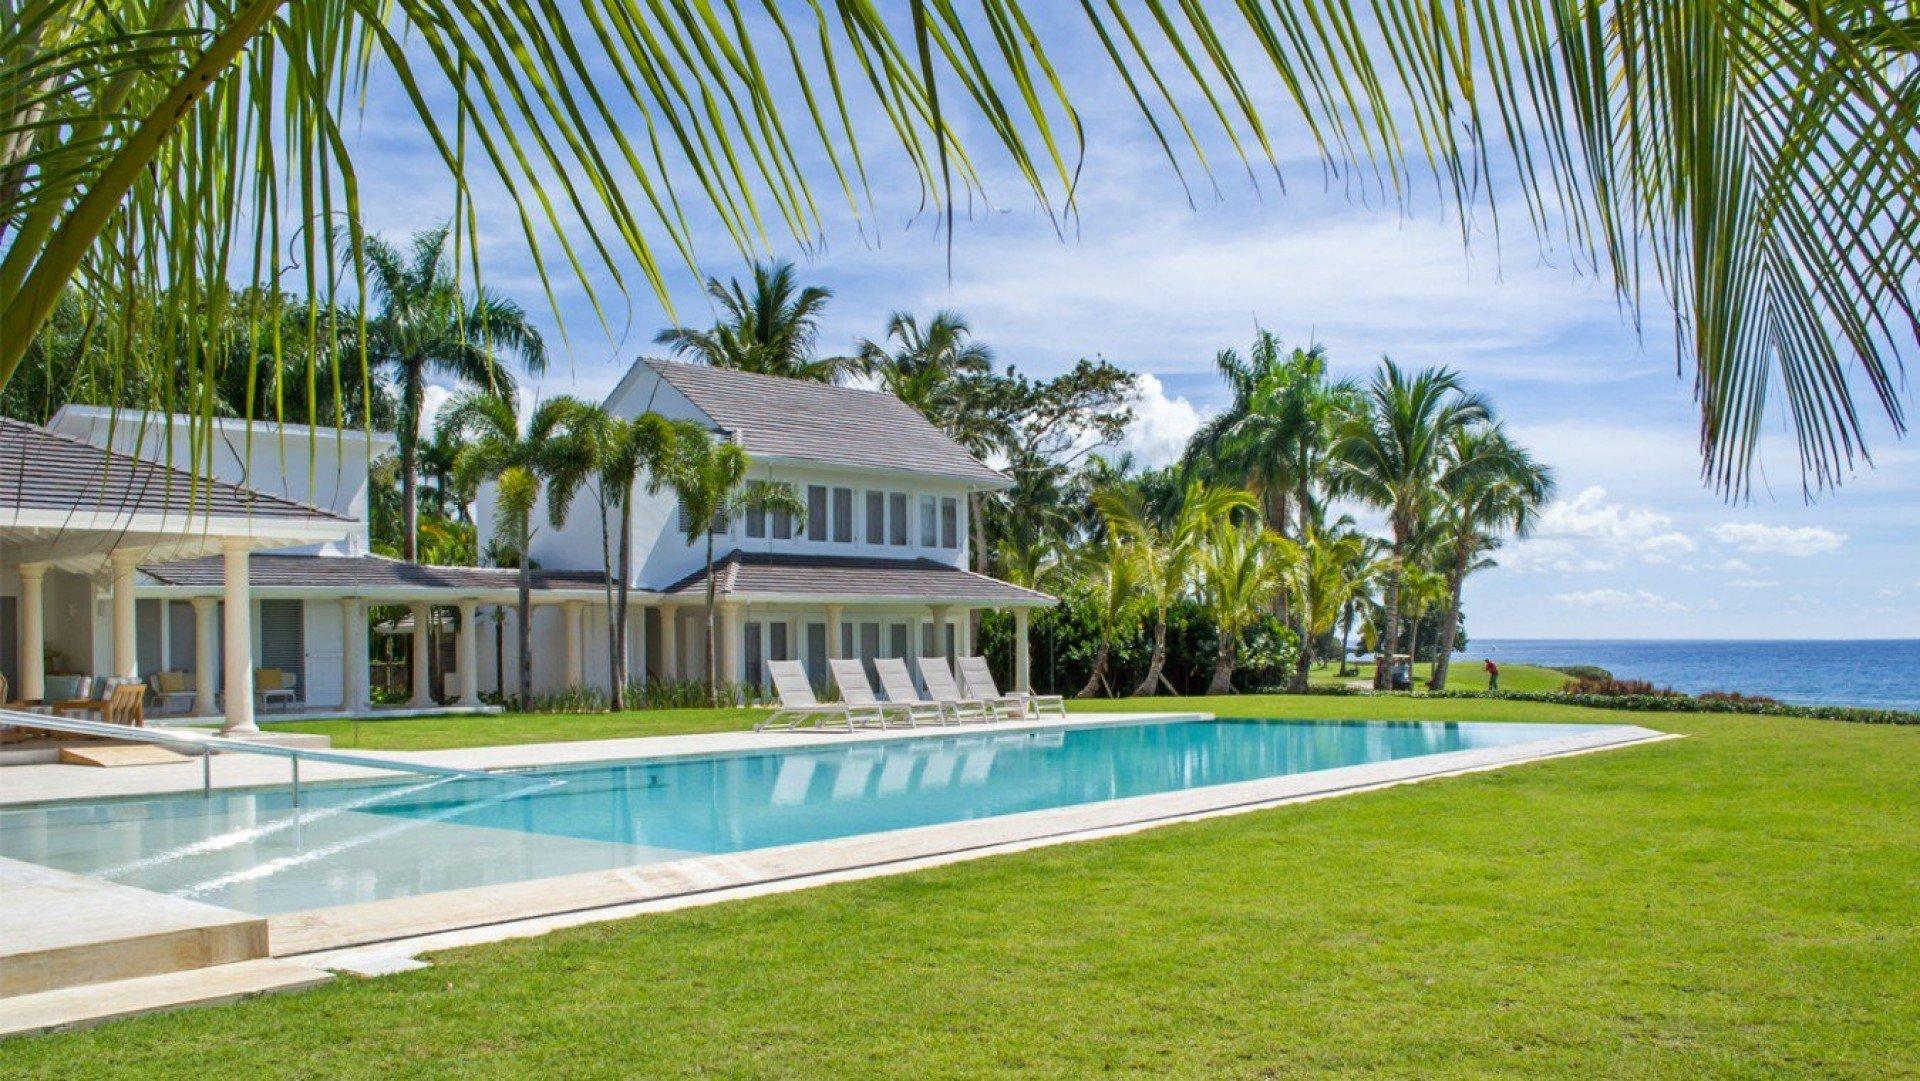 Mar y Palma - villa Mar y Palma Casa de Campo | Isle Blue Casa De Campo Dominican Republic Map on